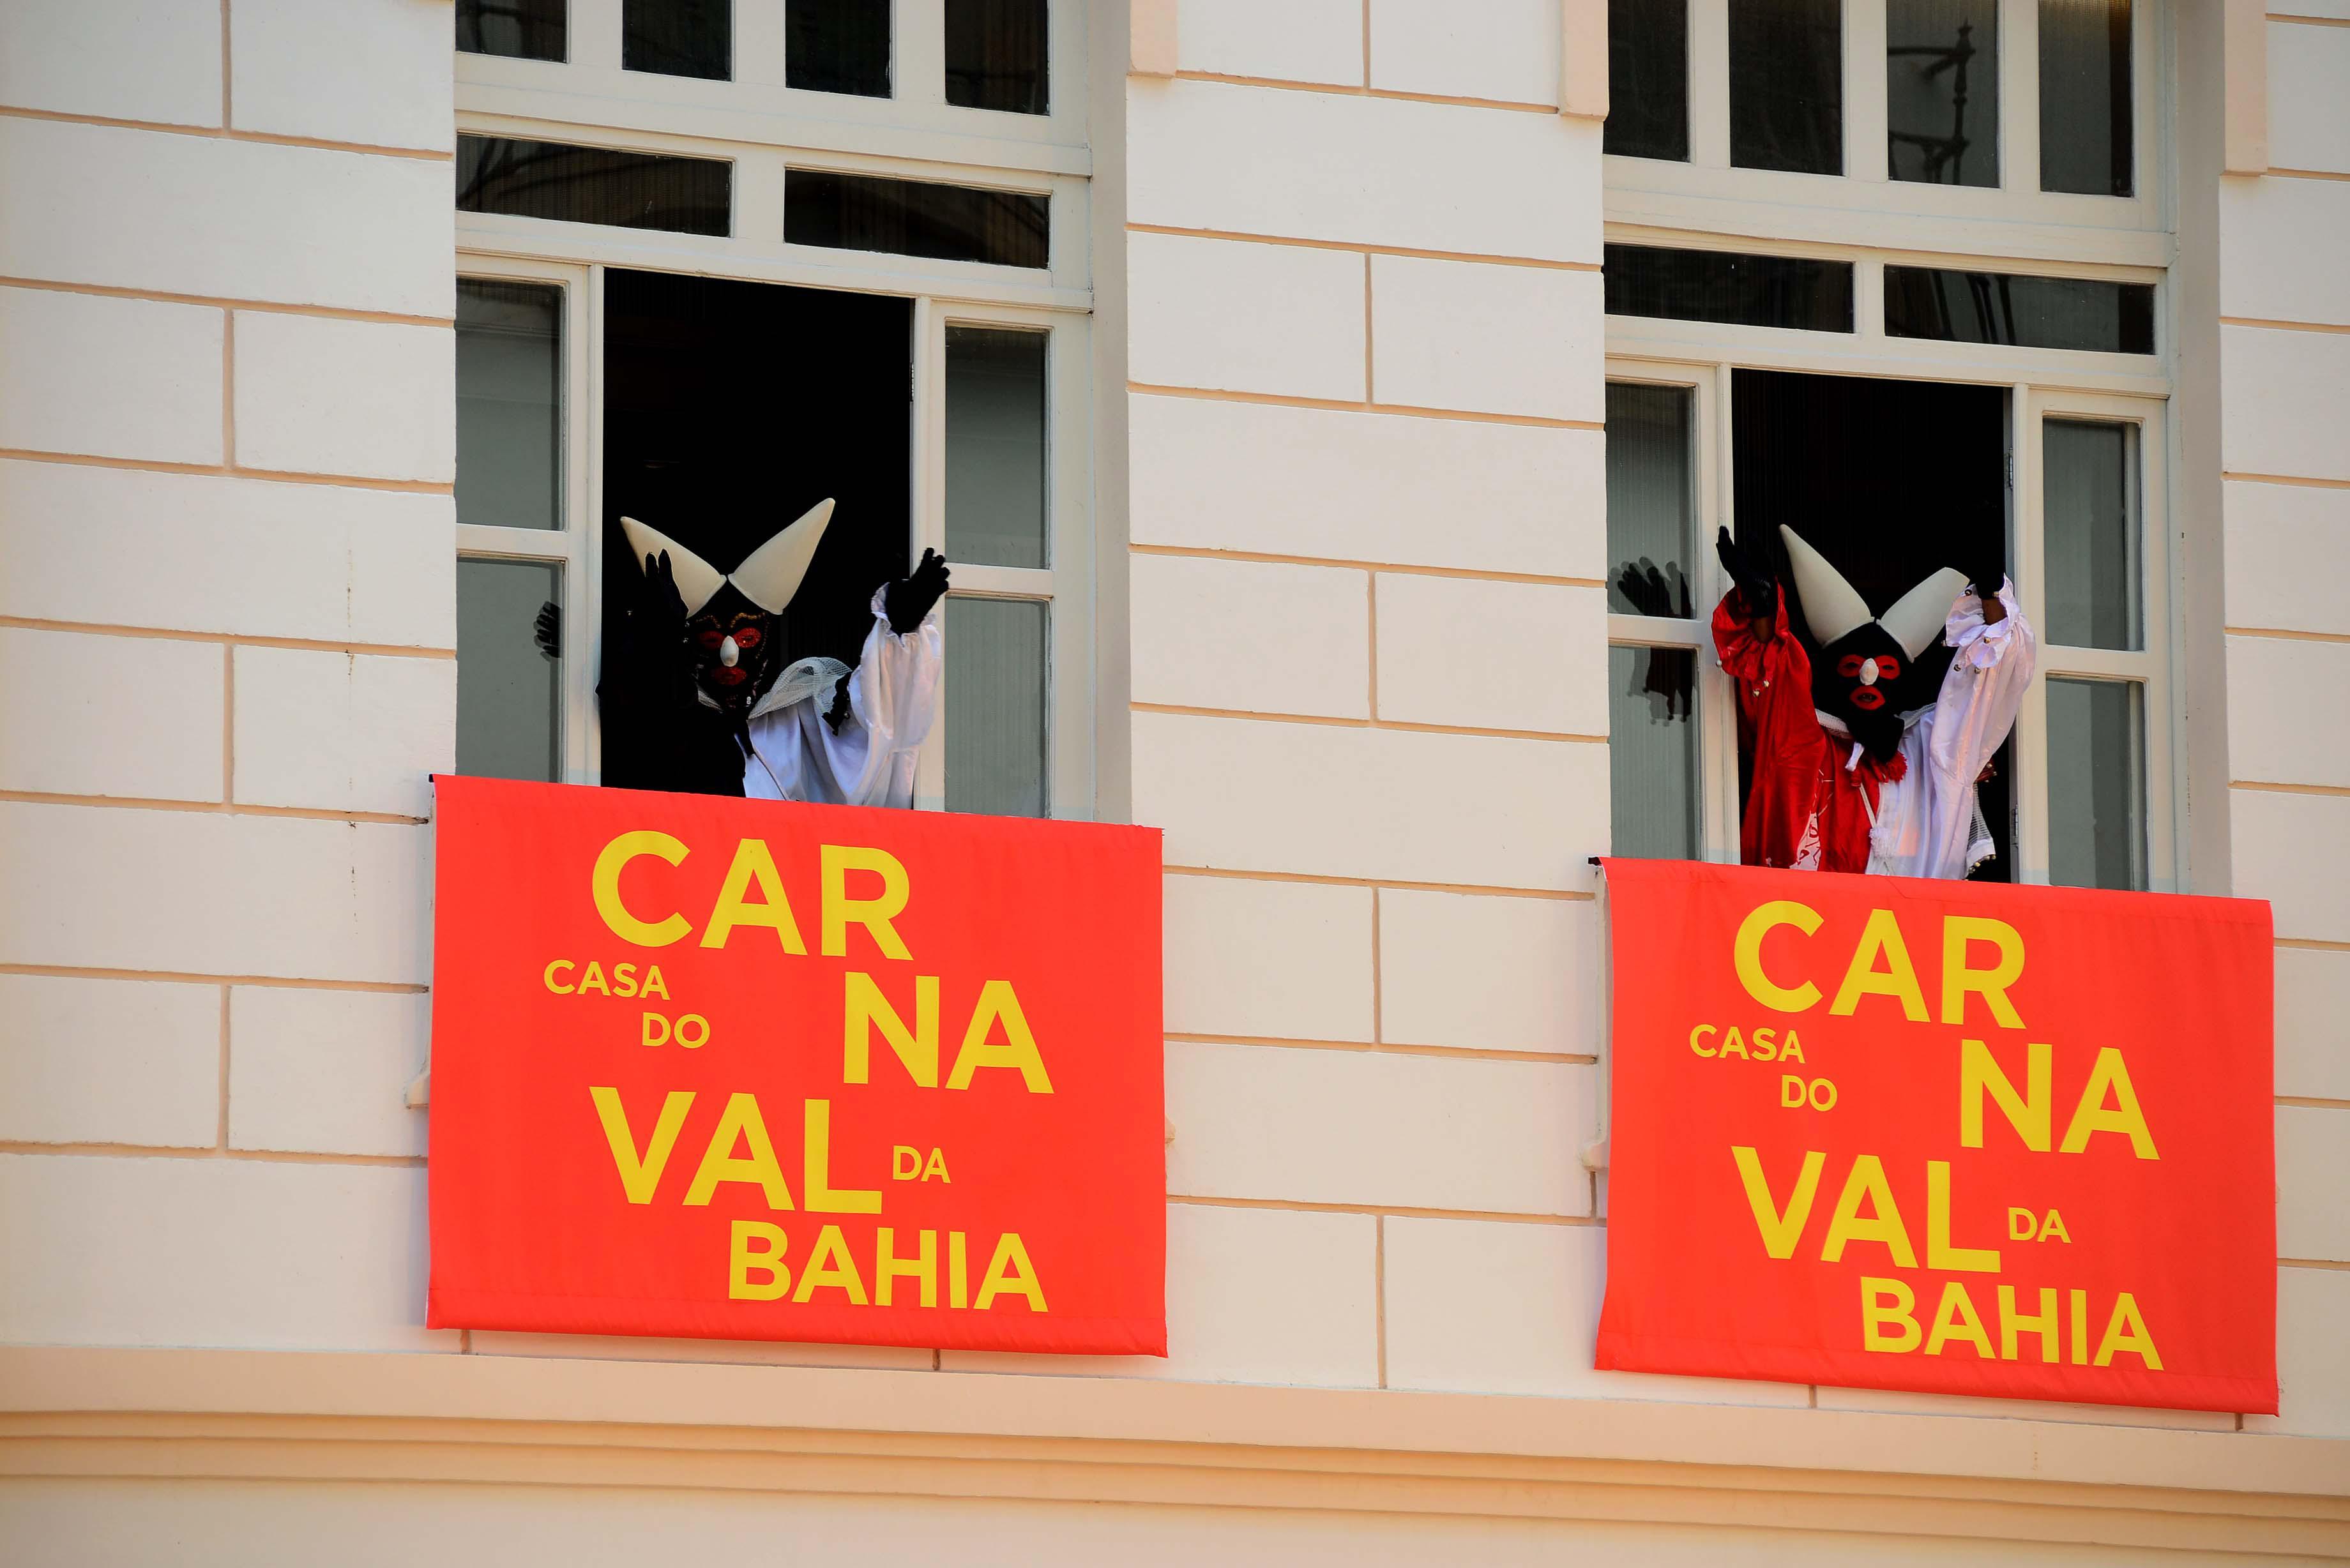 05_02_18_Pref ACM Neto_Casa do Carnaval_foto Valter Pontes_SECOM30 (1)